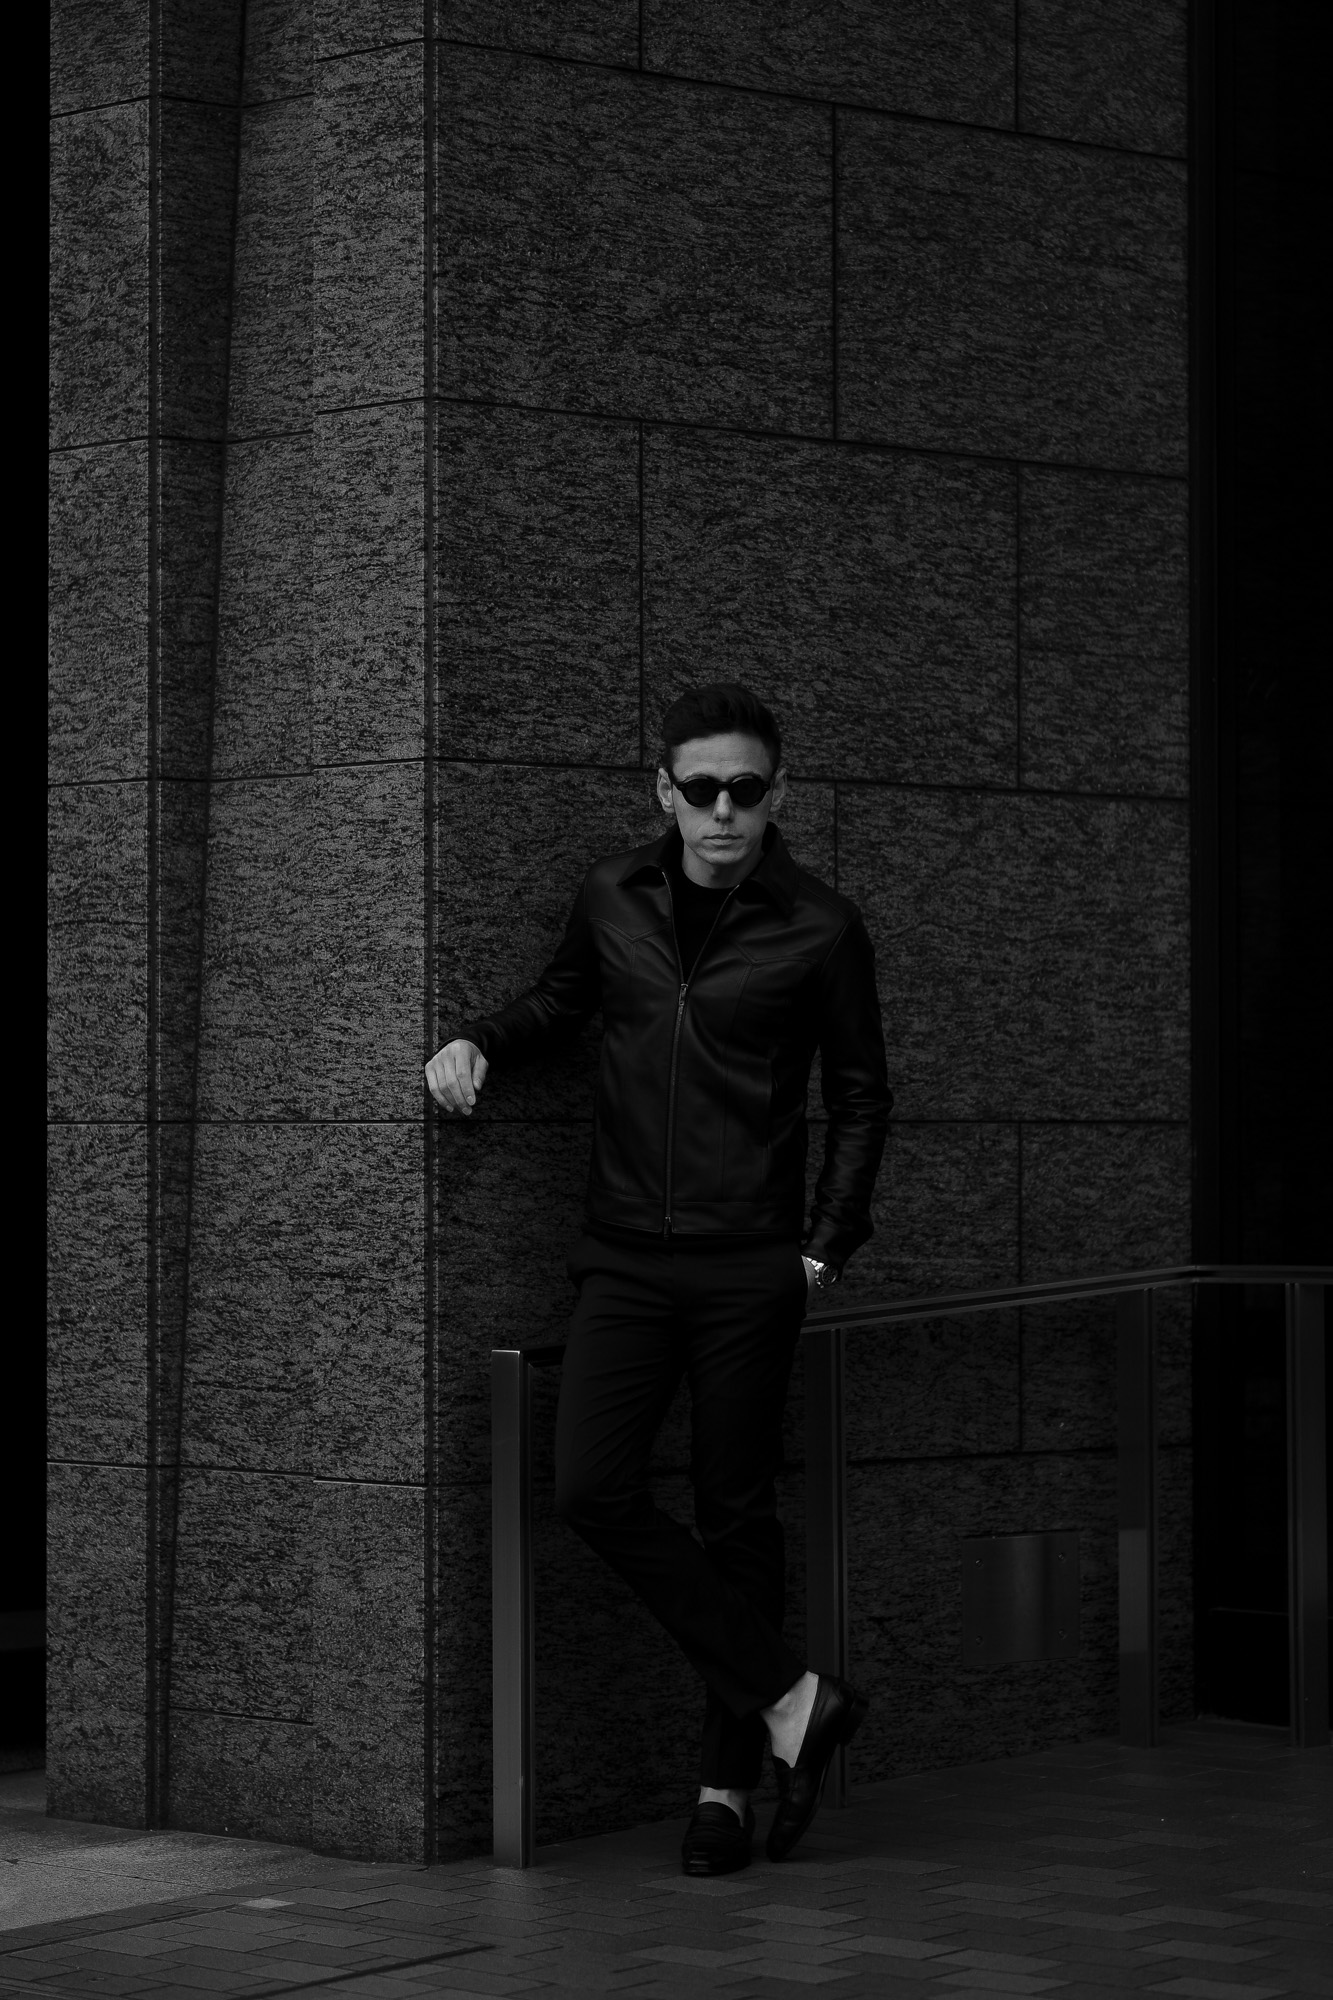 cuervo bopoha (クエルボ ヴァローナ) Satisfaction Leather Collection (サティスファクション レザー コレクション) JACK (ジャック) LAMB LEATHER (ラムスキン) レザージャケット BLACK (ブラック) MADE IN JAPAN (日本製) 2020 春夏 【Special Model】愛知 名古屋 altoediritto アルトエデリット